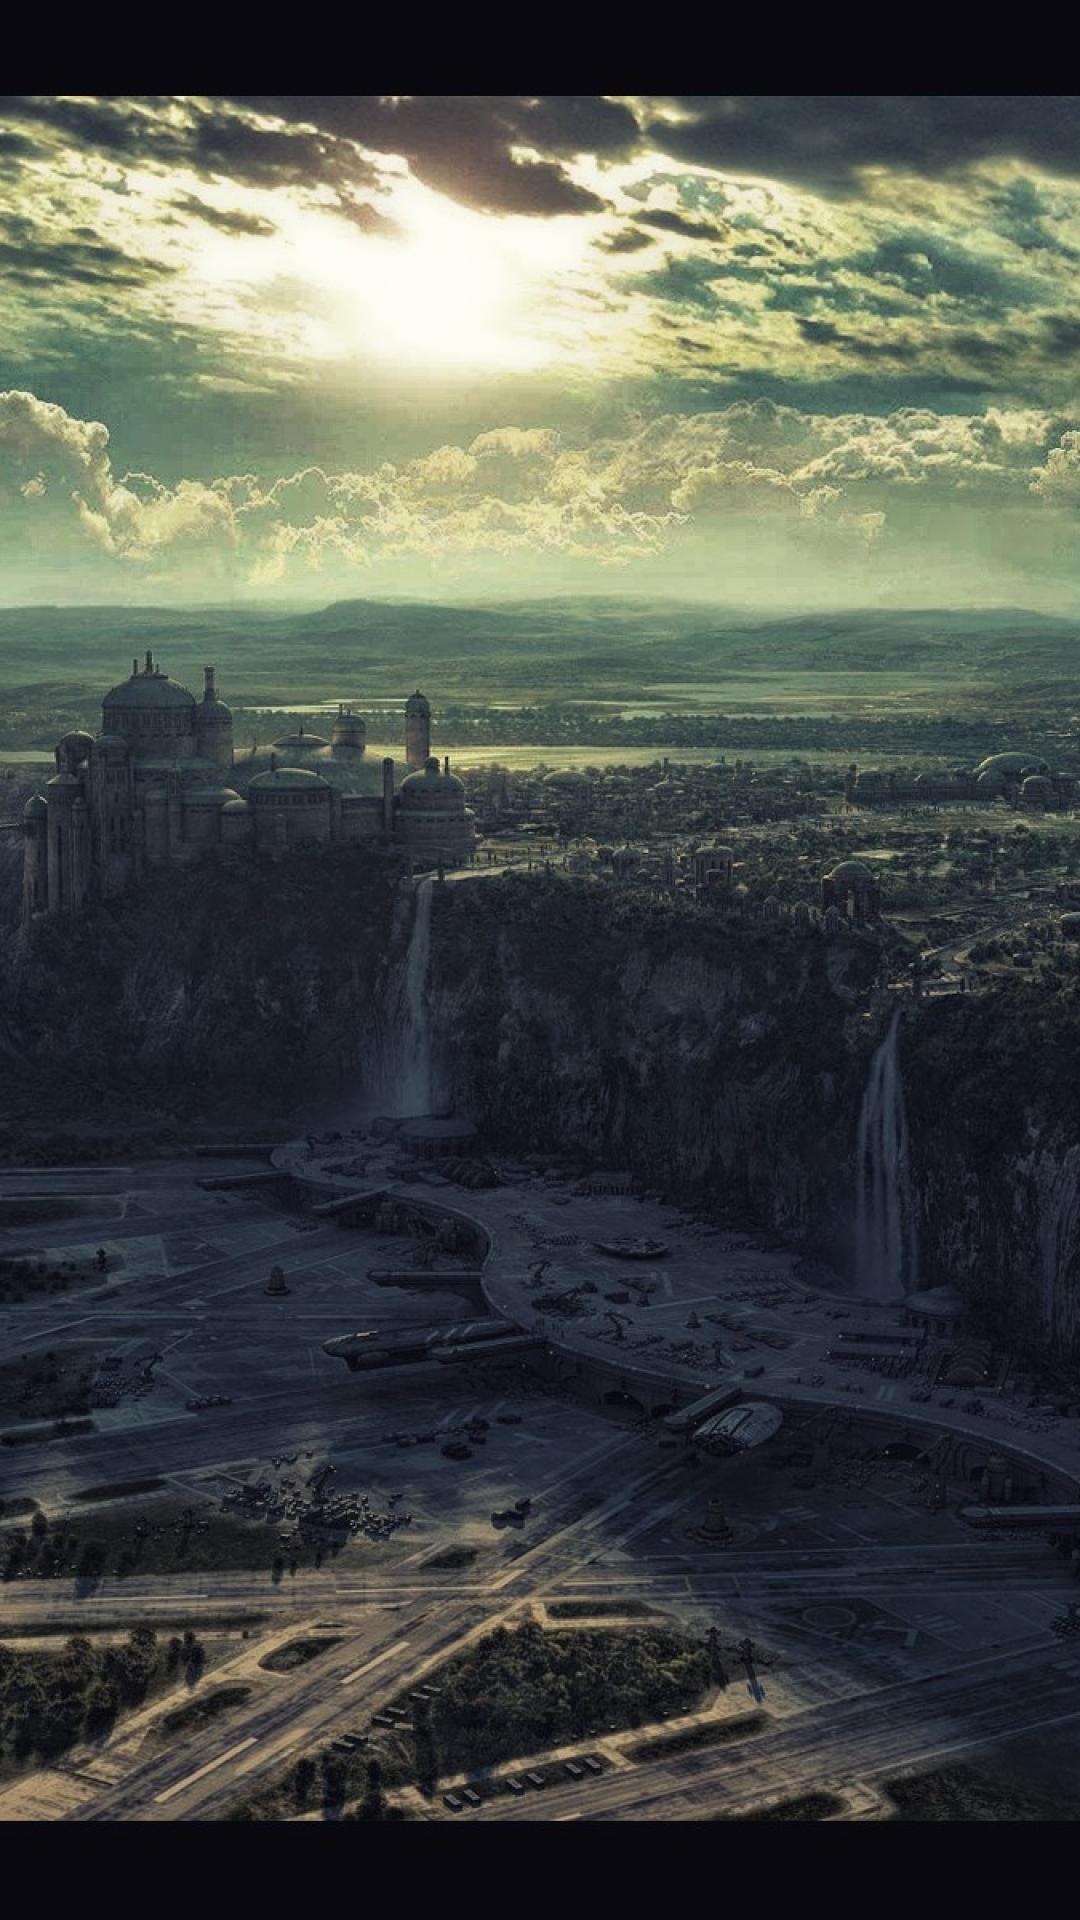 Naboo star wars landscapes HD wallpaper 1080x1920